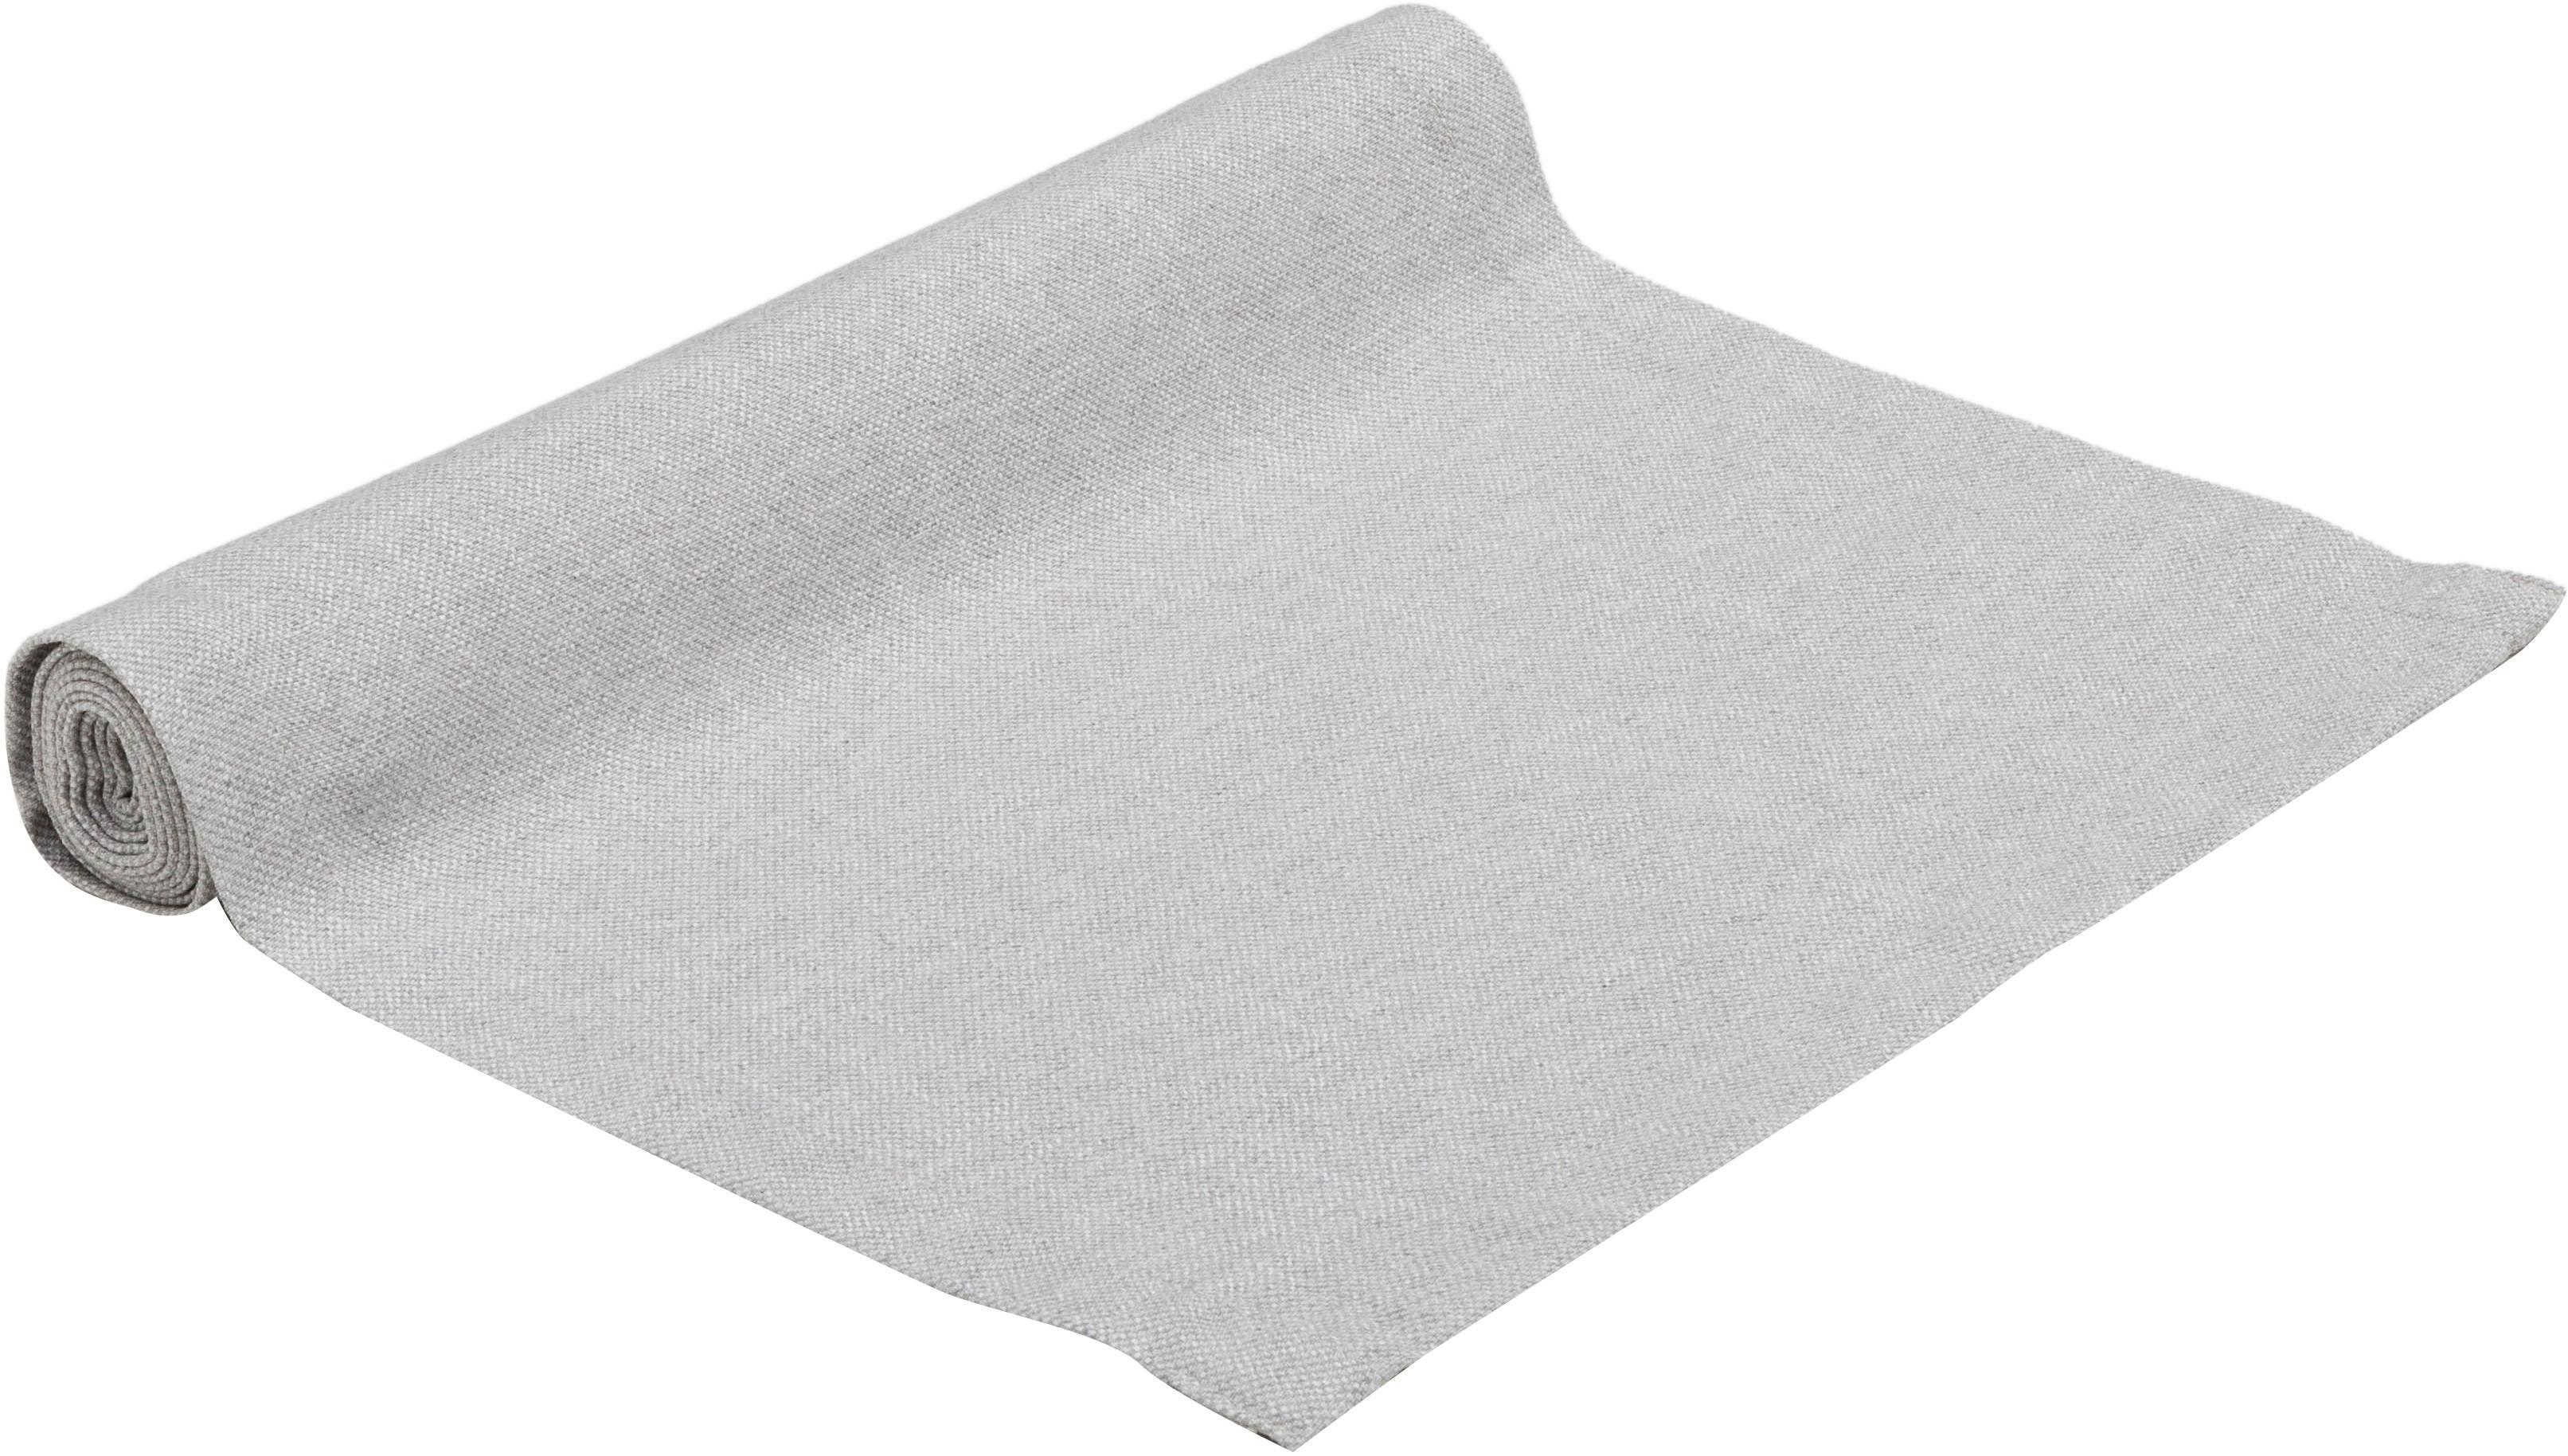 Tischläufer Riva, 55%Baumwolle, 45%Polyester, Grau, 40 x 150 cm